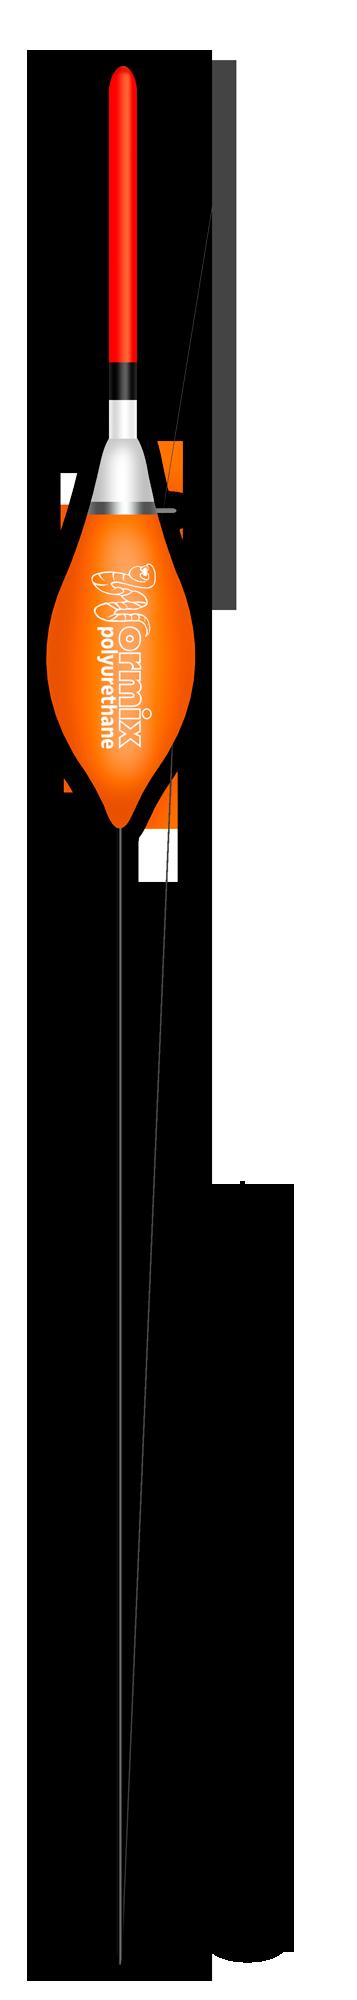 Поплавок Wormix полиуретановый 810 - 5 гр